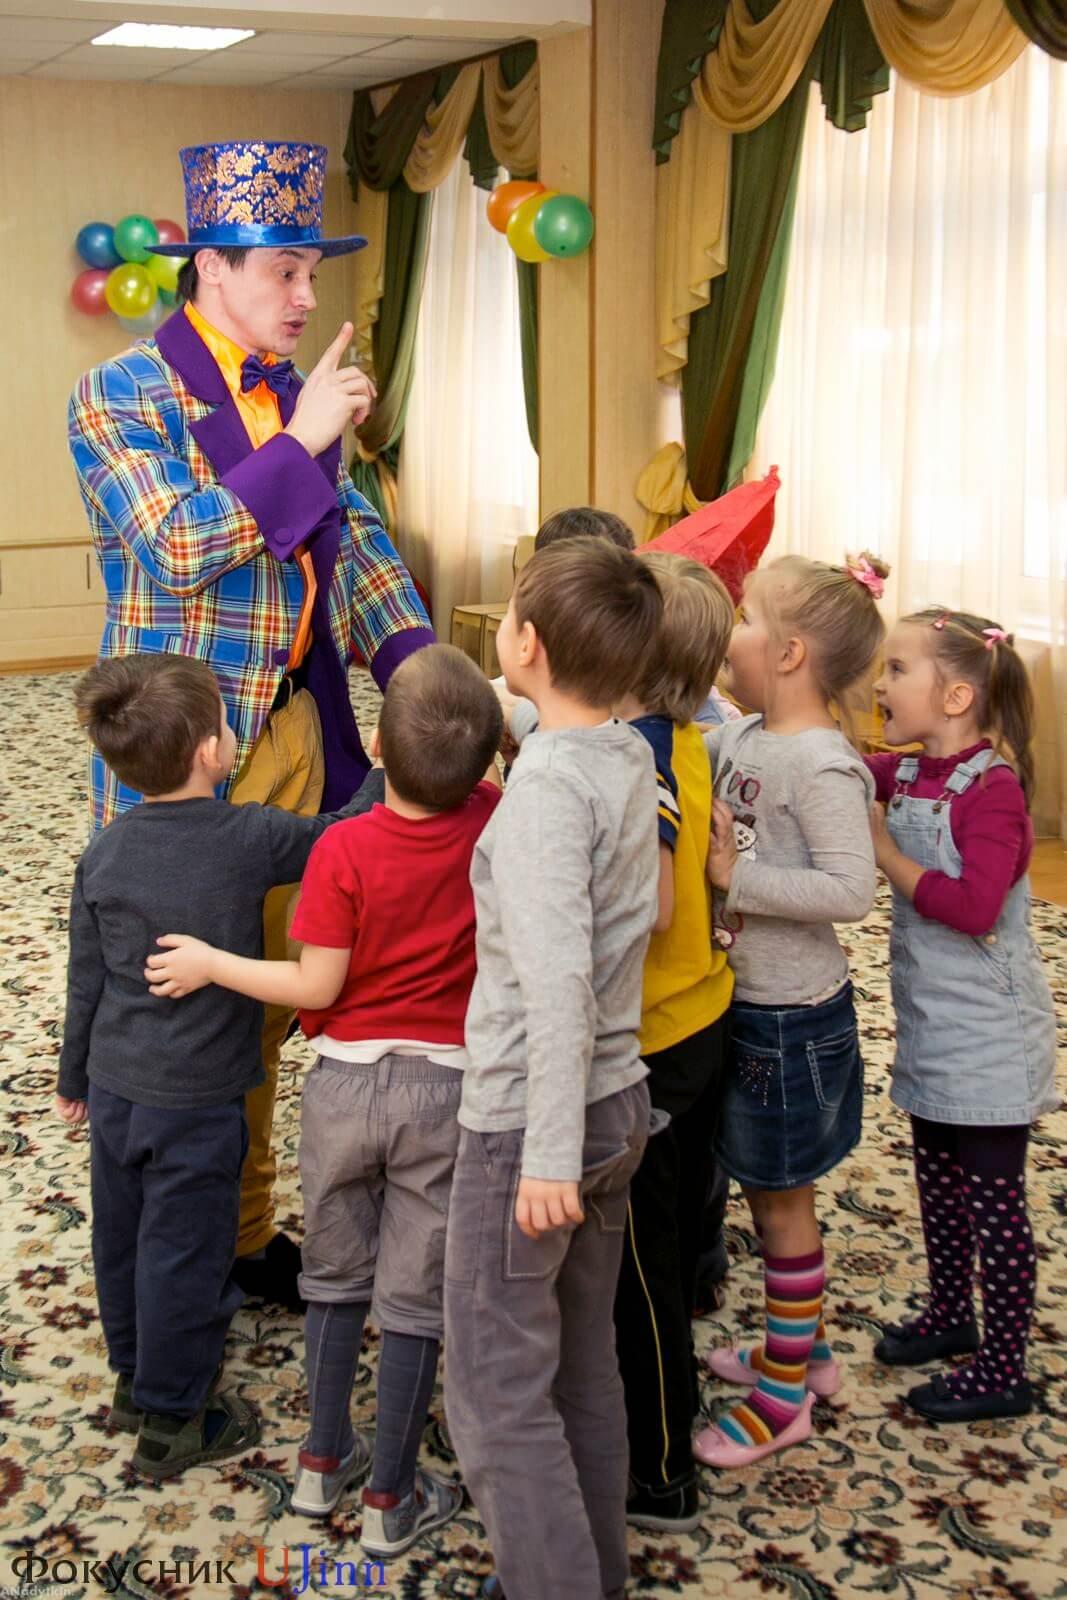 Фокусник Юджинн в детском саду 11